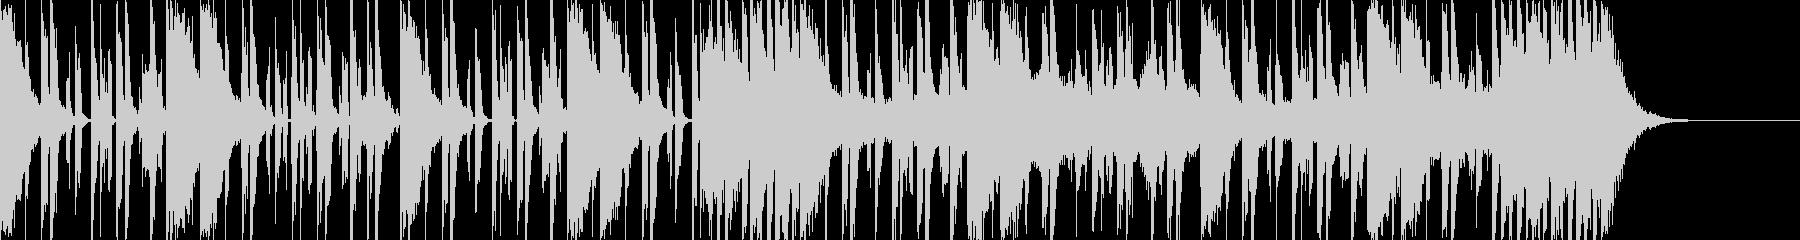 ダークなブラスとスクラッチヒップホップeの未再生の波形